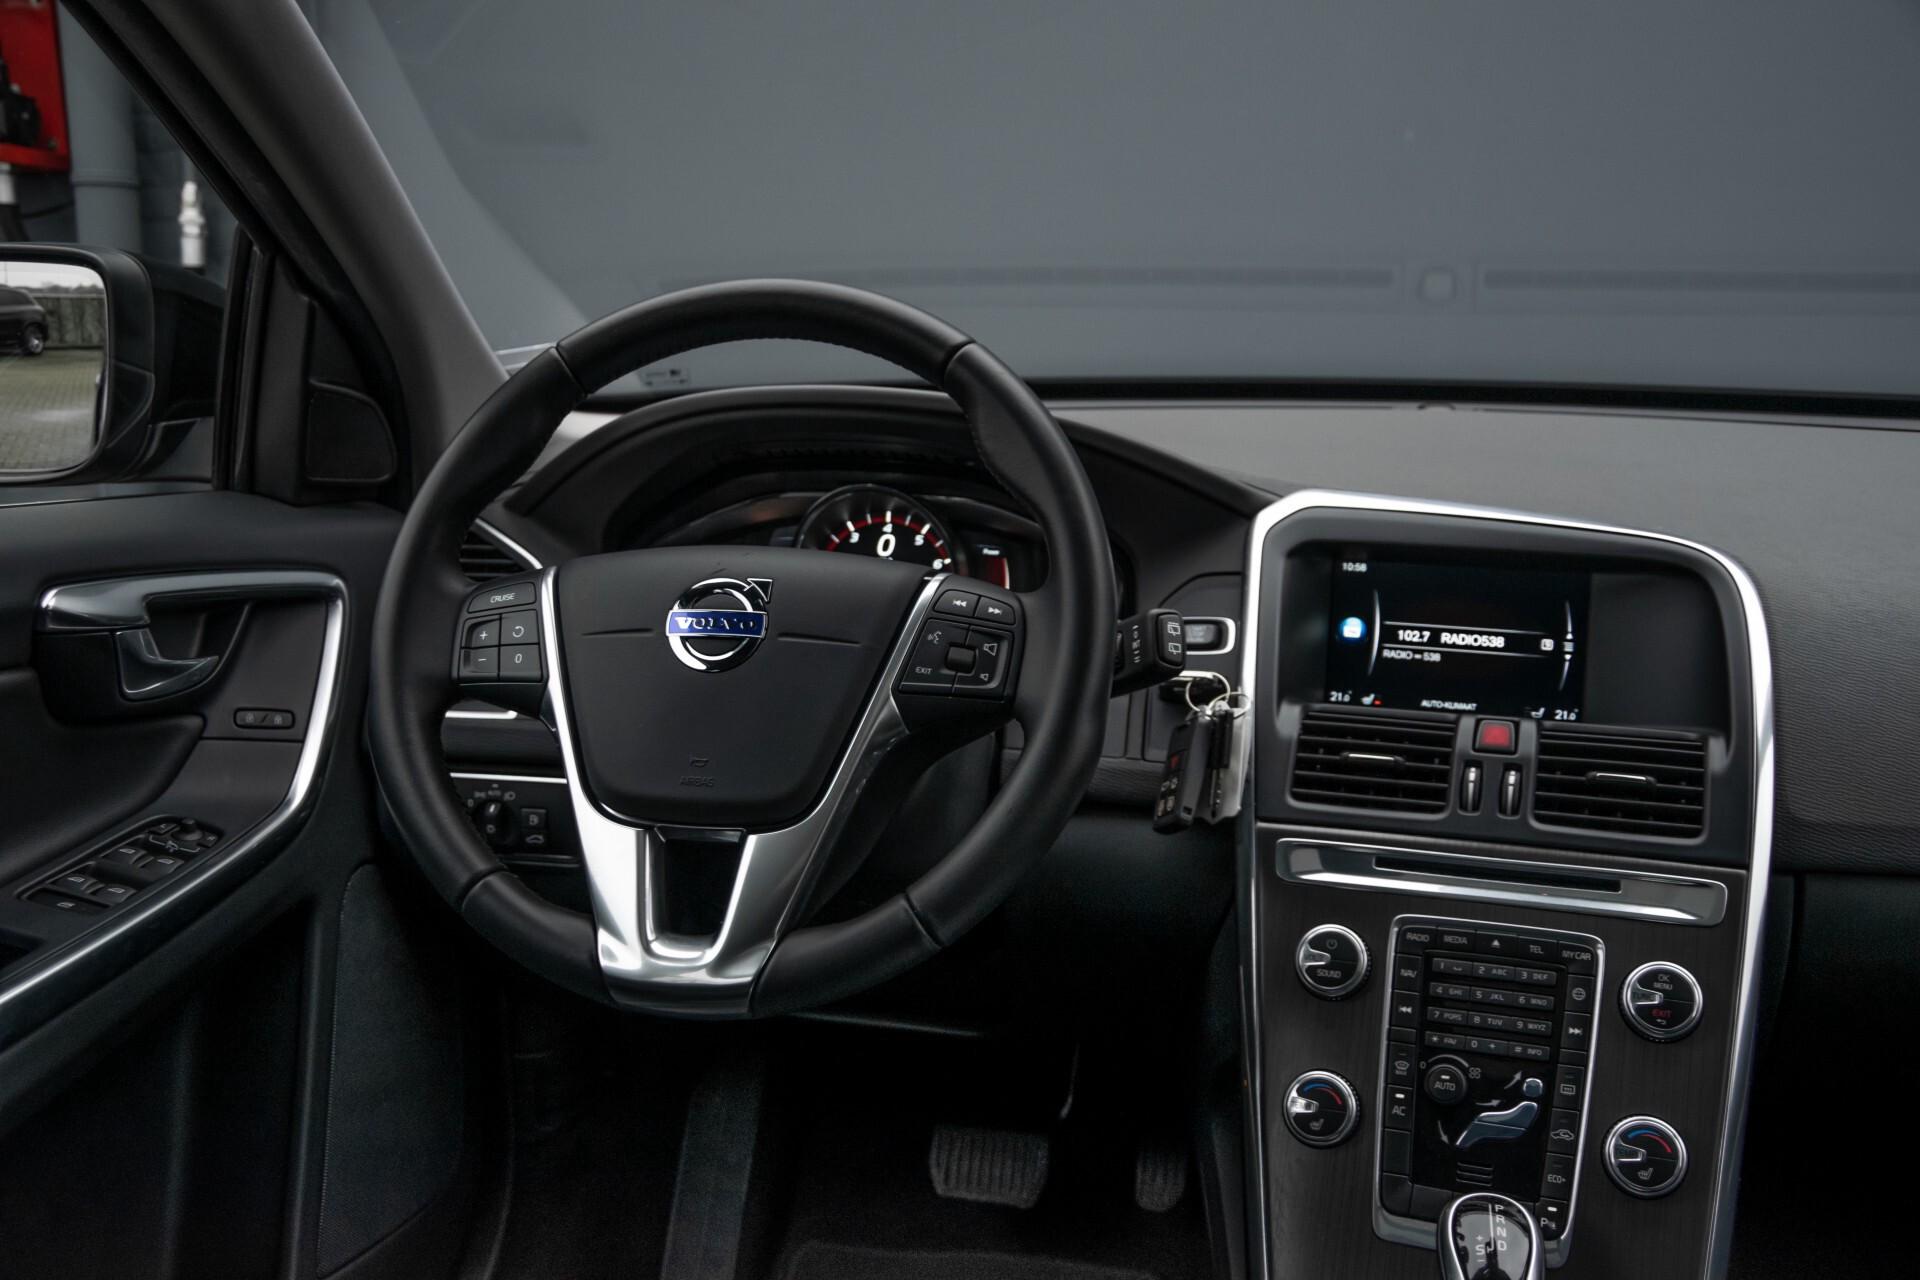 Volvo XC60 2.0 T5 FWD Ocean Race Panorama/Leer/Dealer OH Aut8 Foto 7